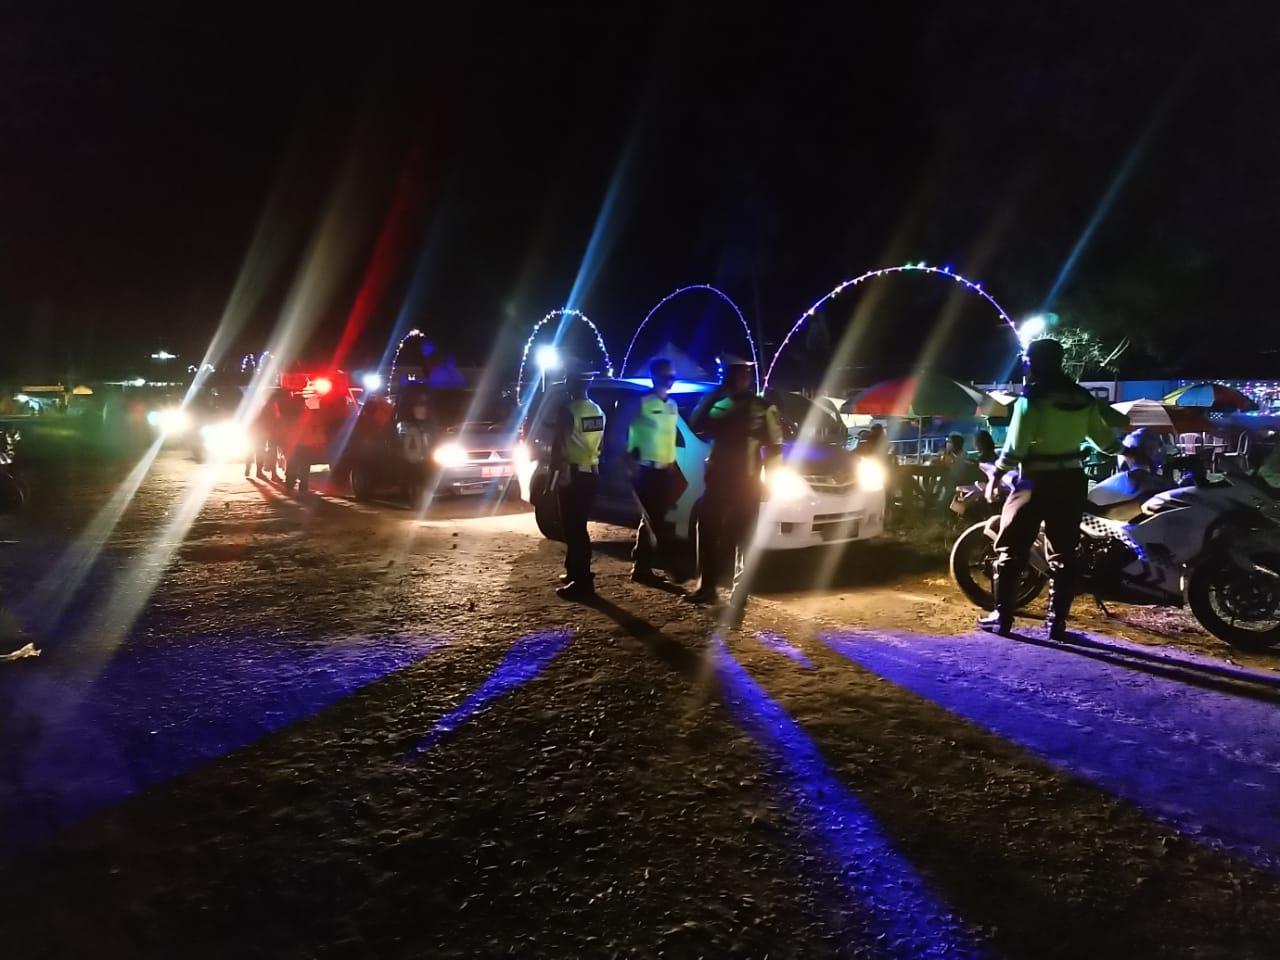 Patroli Malam, Polisi Datangi Cafe dan Sampaikan Imbauan Protokol Kesehatan